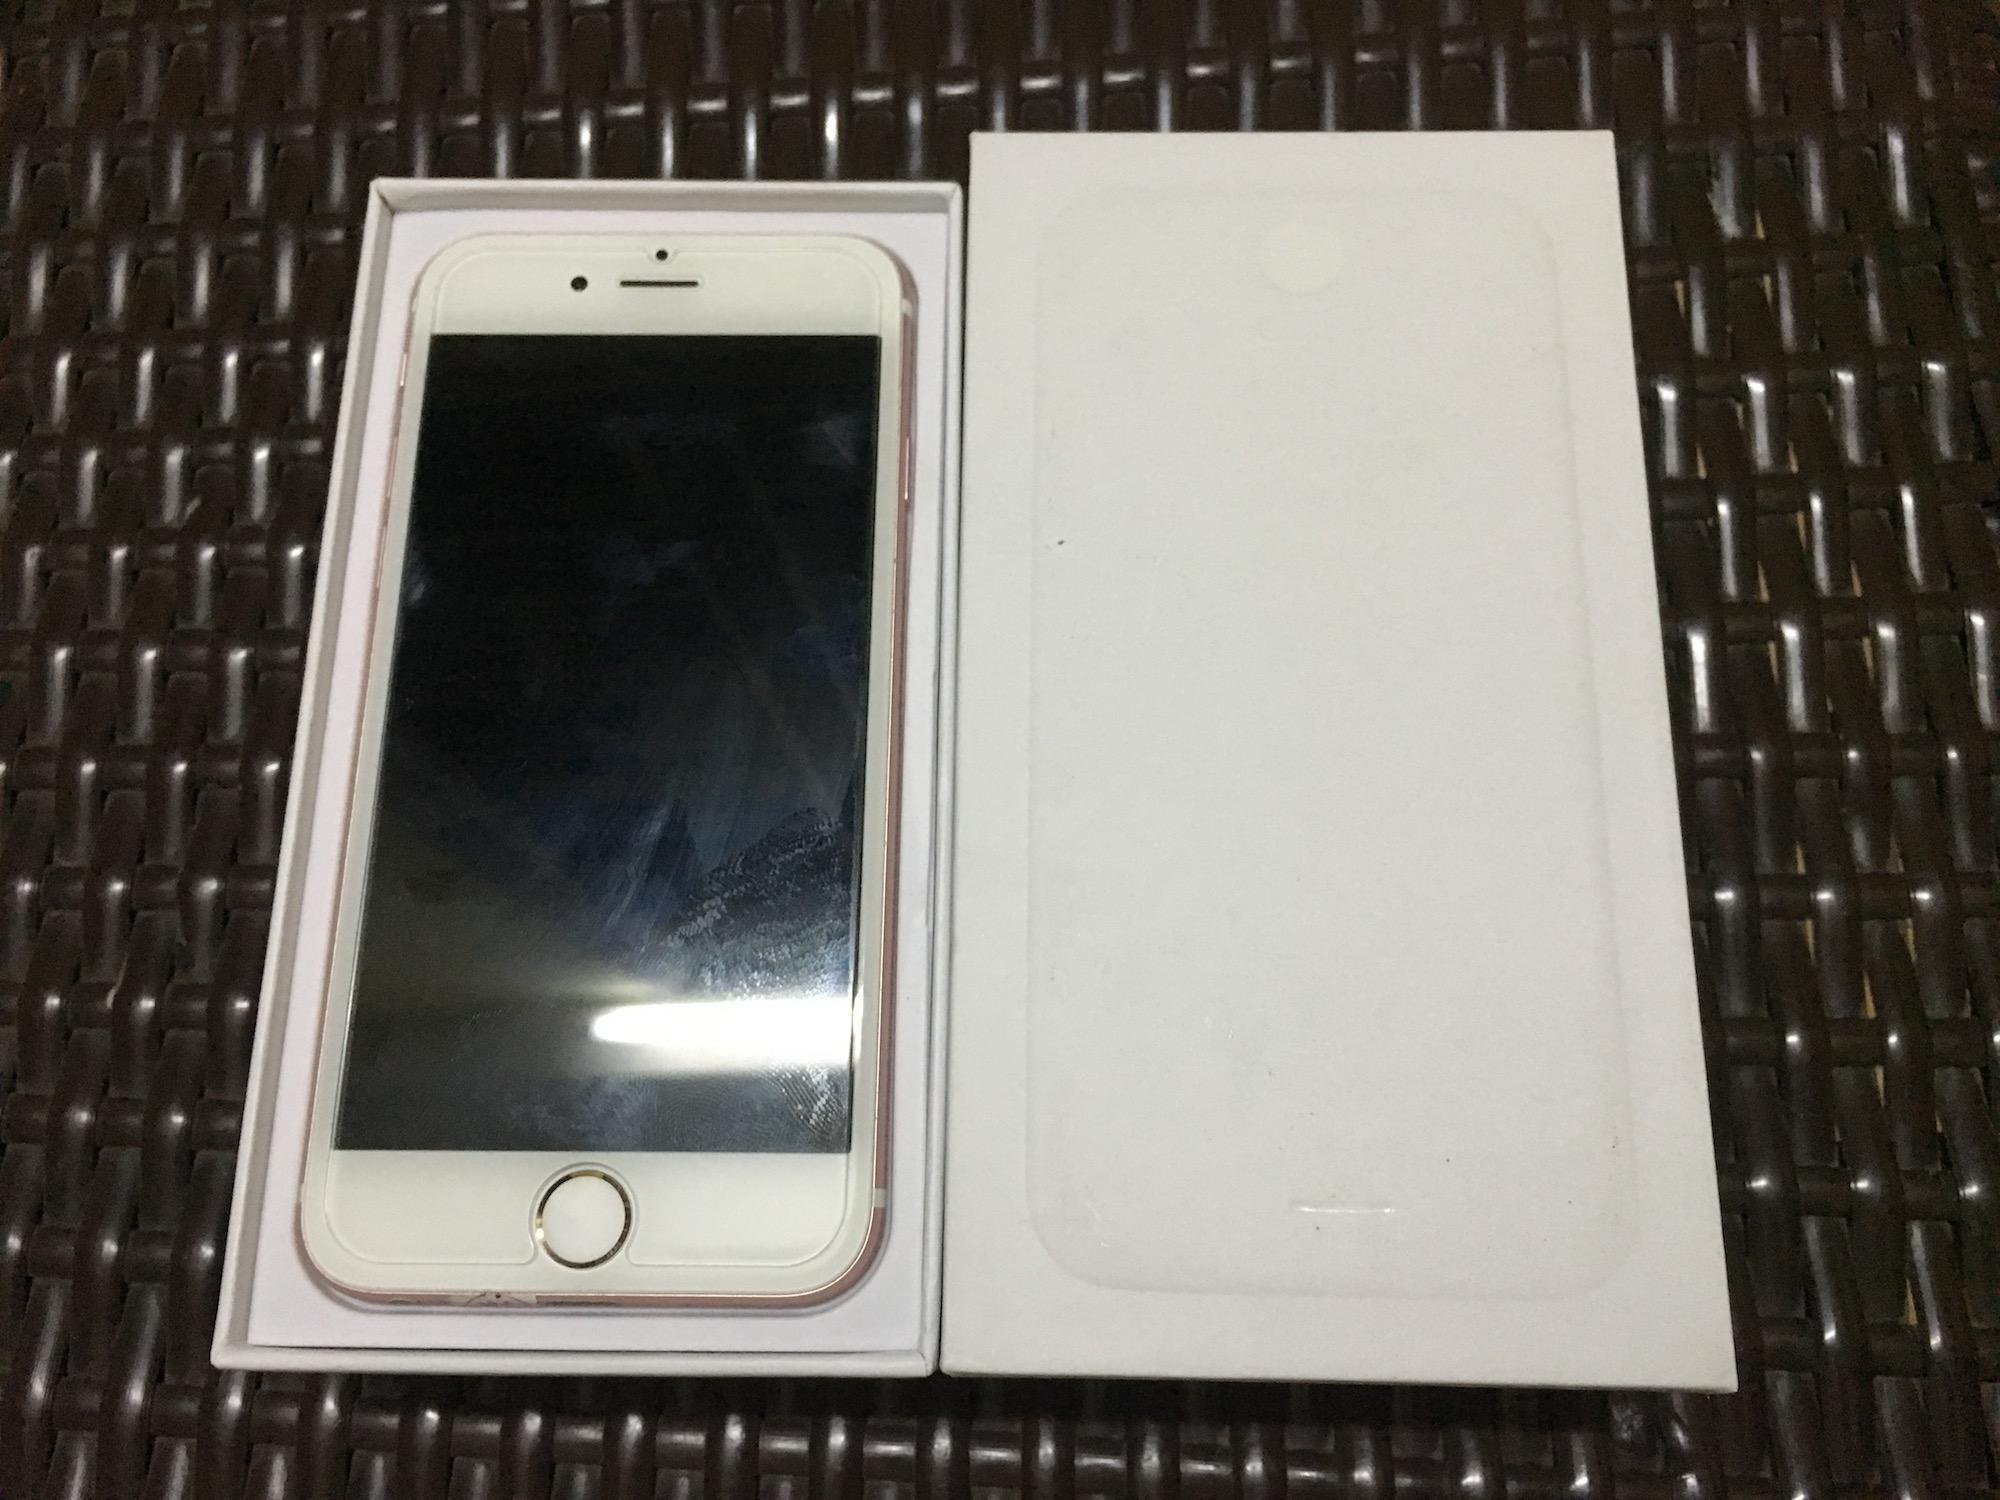 Giá Bán Apple Iphone 6S 16G Hồng Hang Nhập Khẩu Nguyên No Band